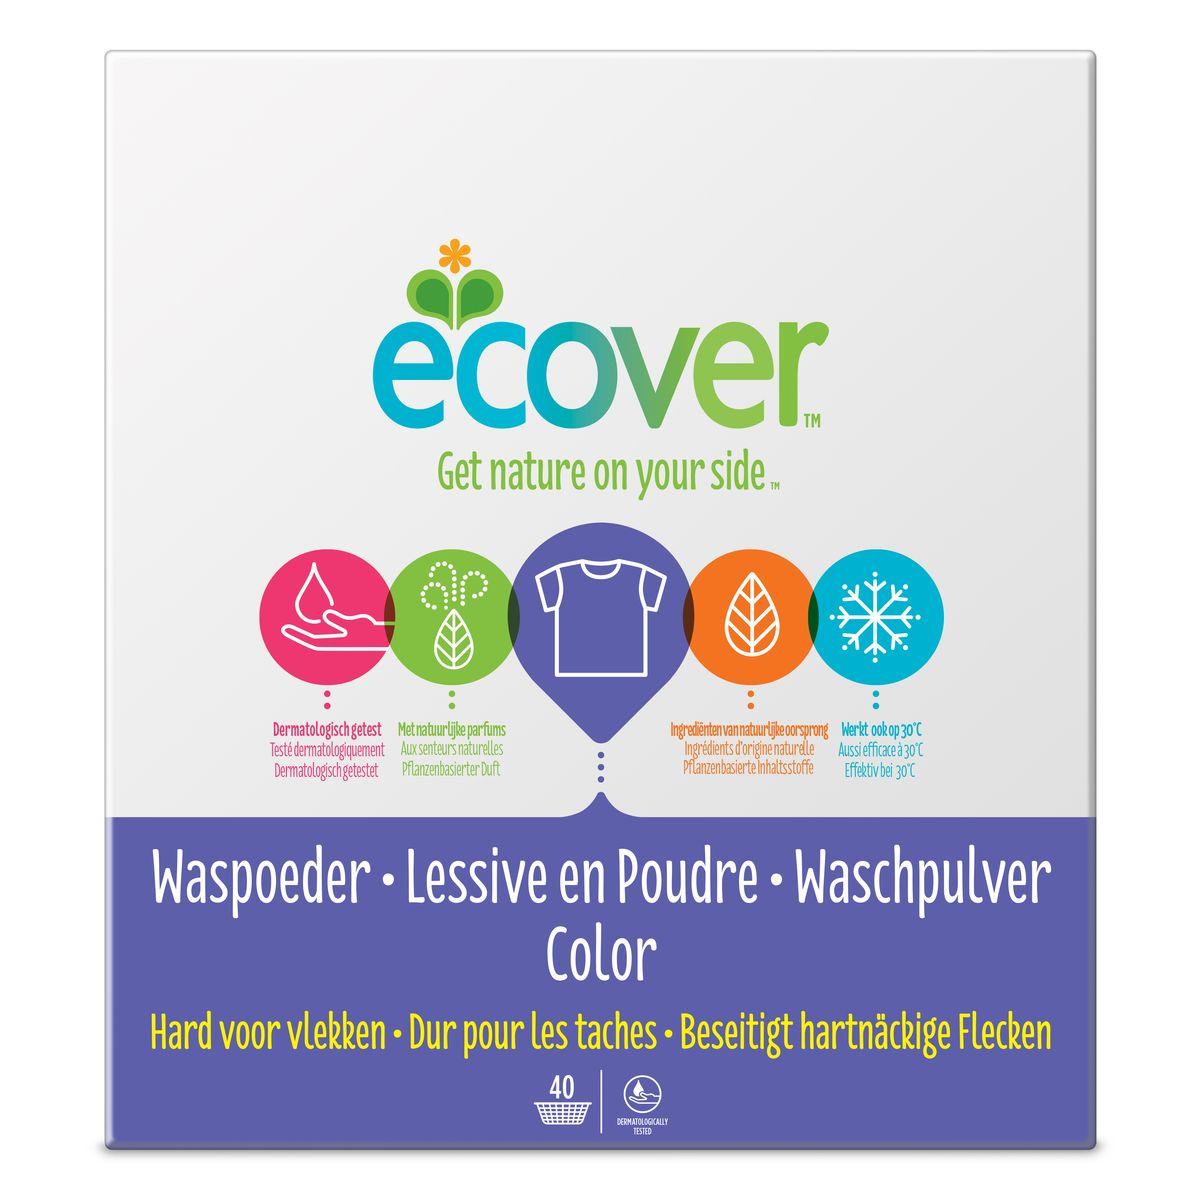 Экологический стиральный порошок Ecover, концентрат, для цветного белья, 3 кг экологический суперочищающий спрей ecover универсальный 500 мл